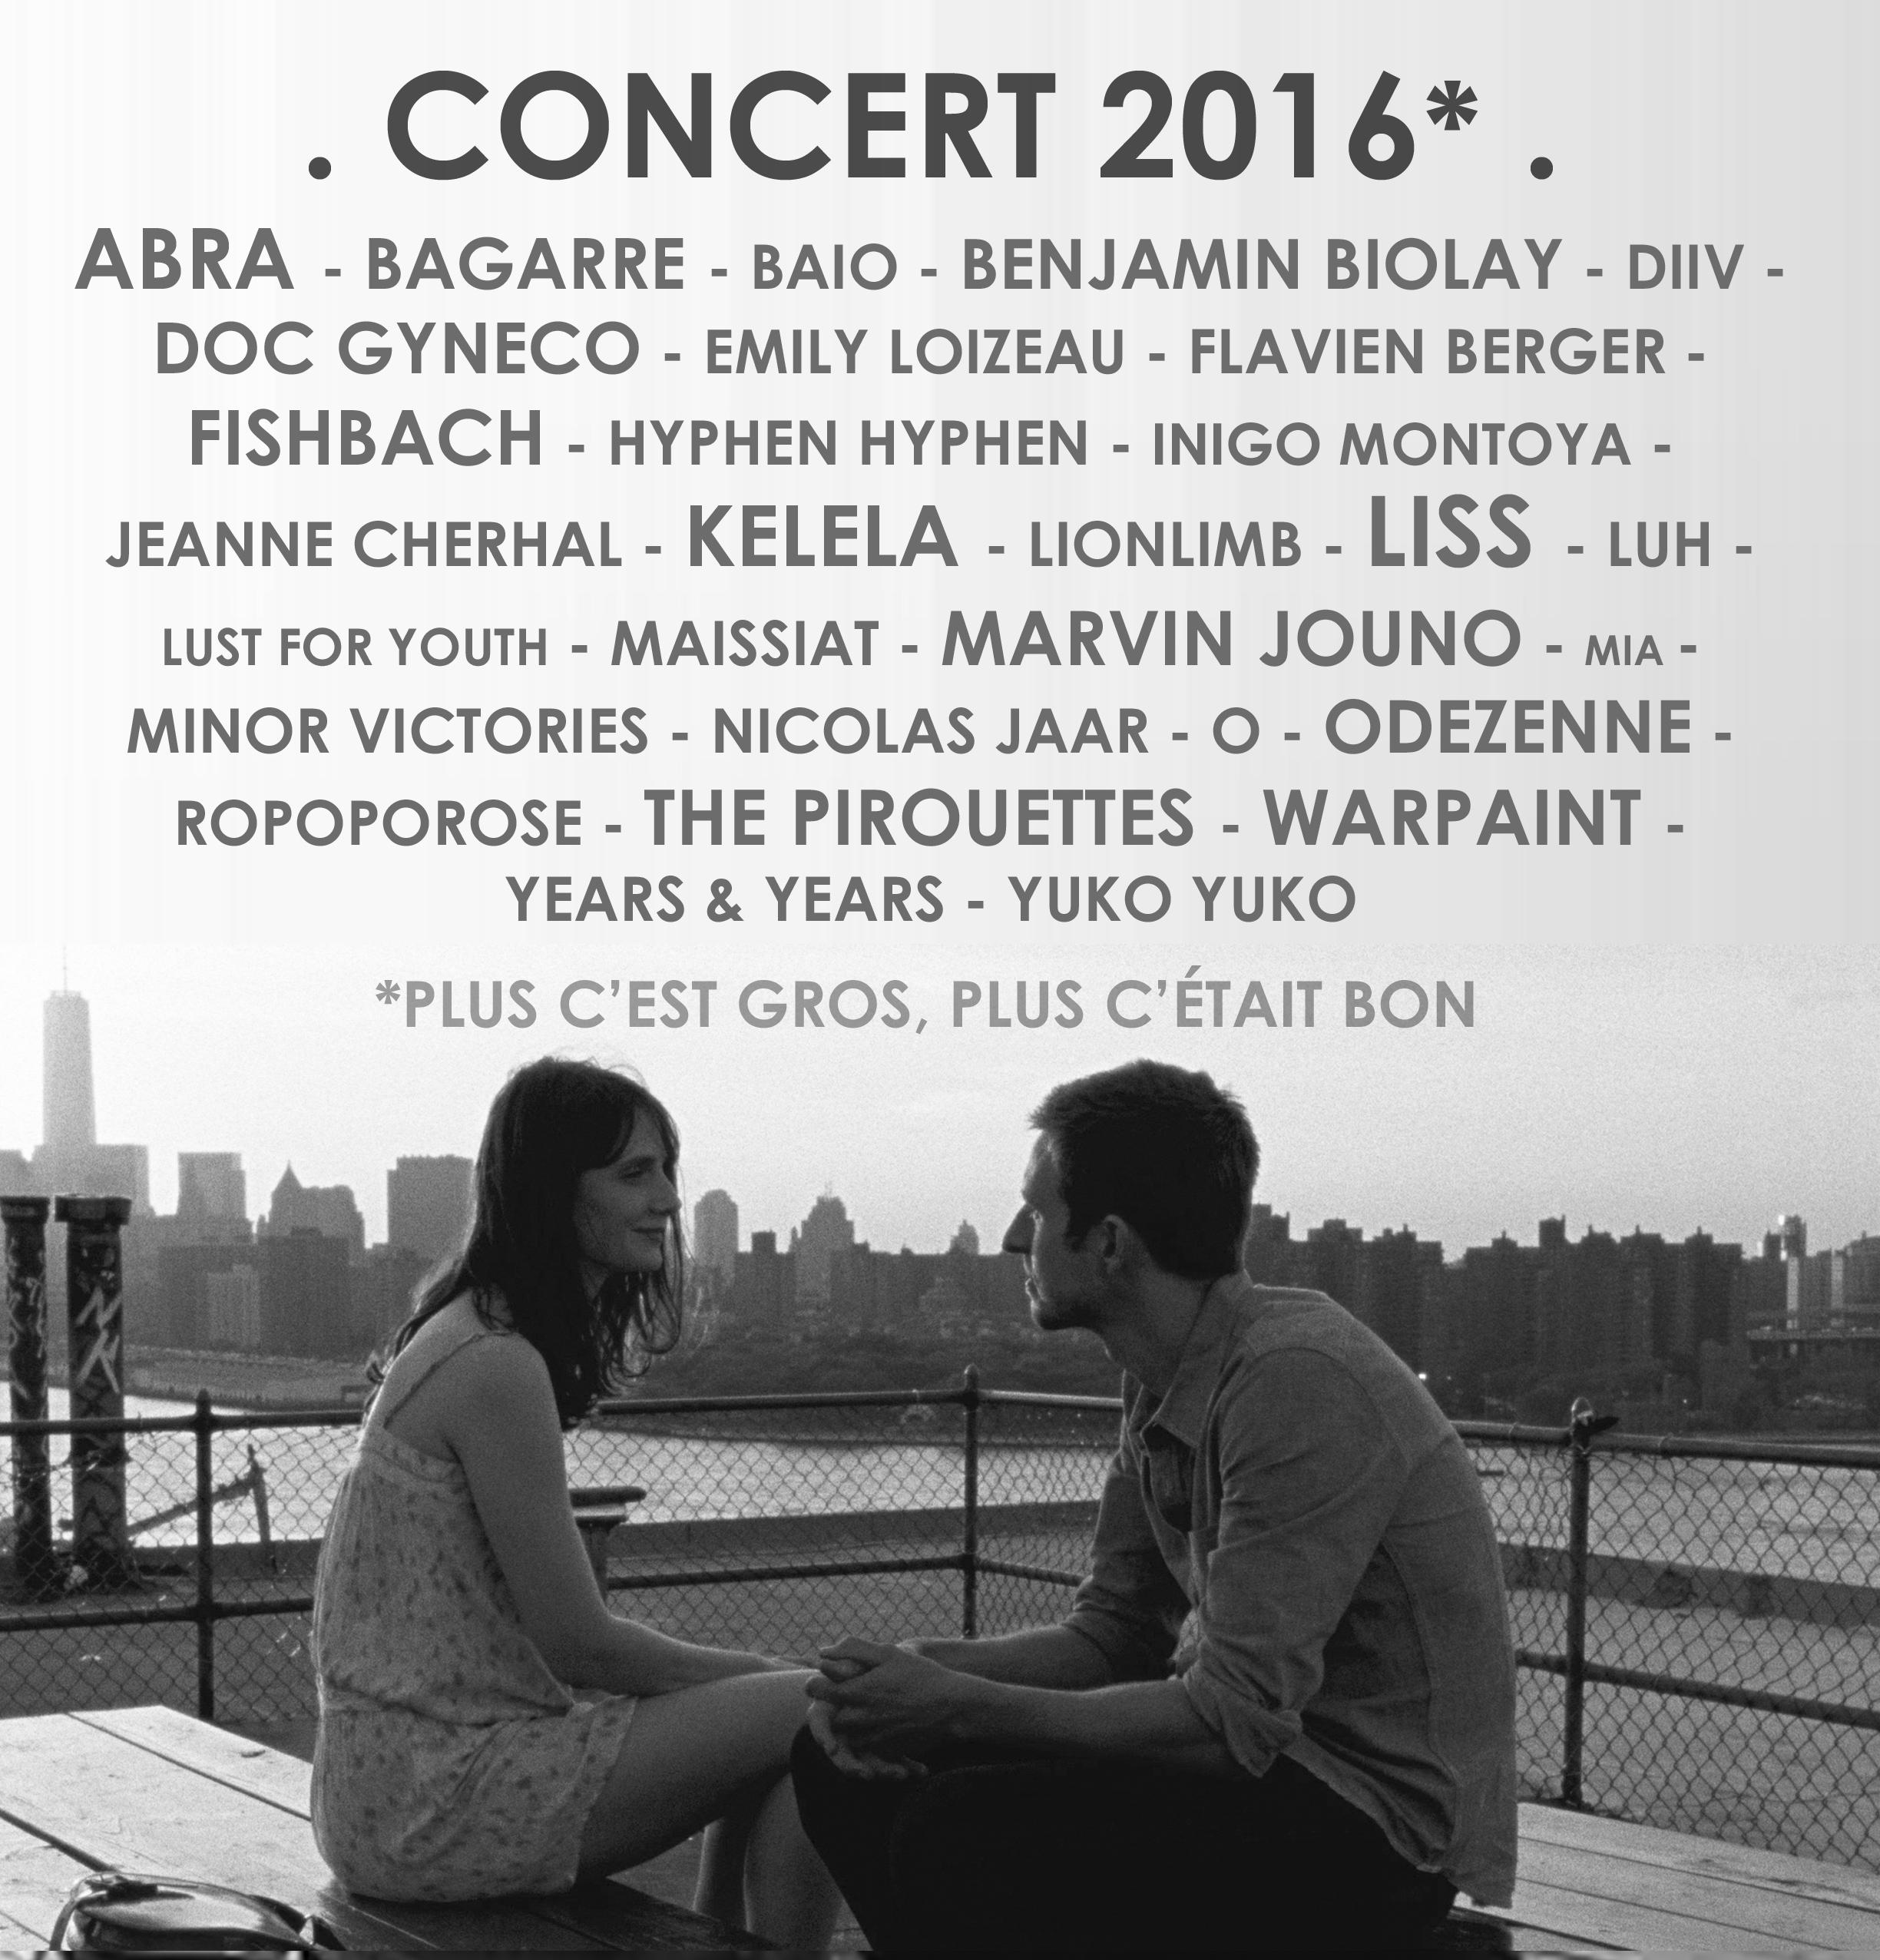 Concert 2016